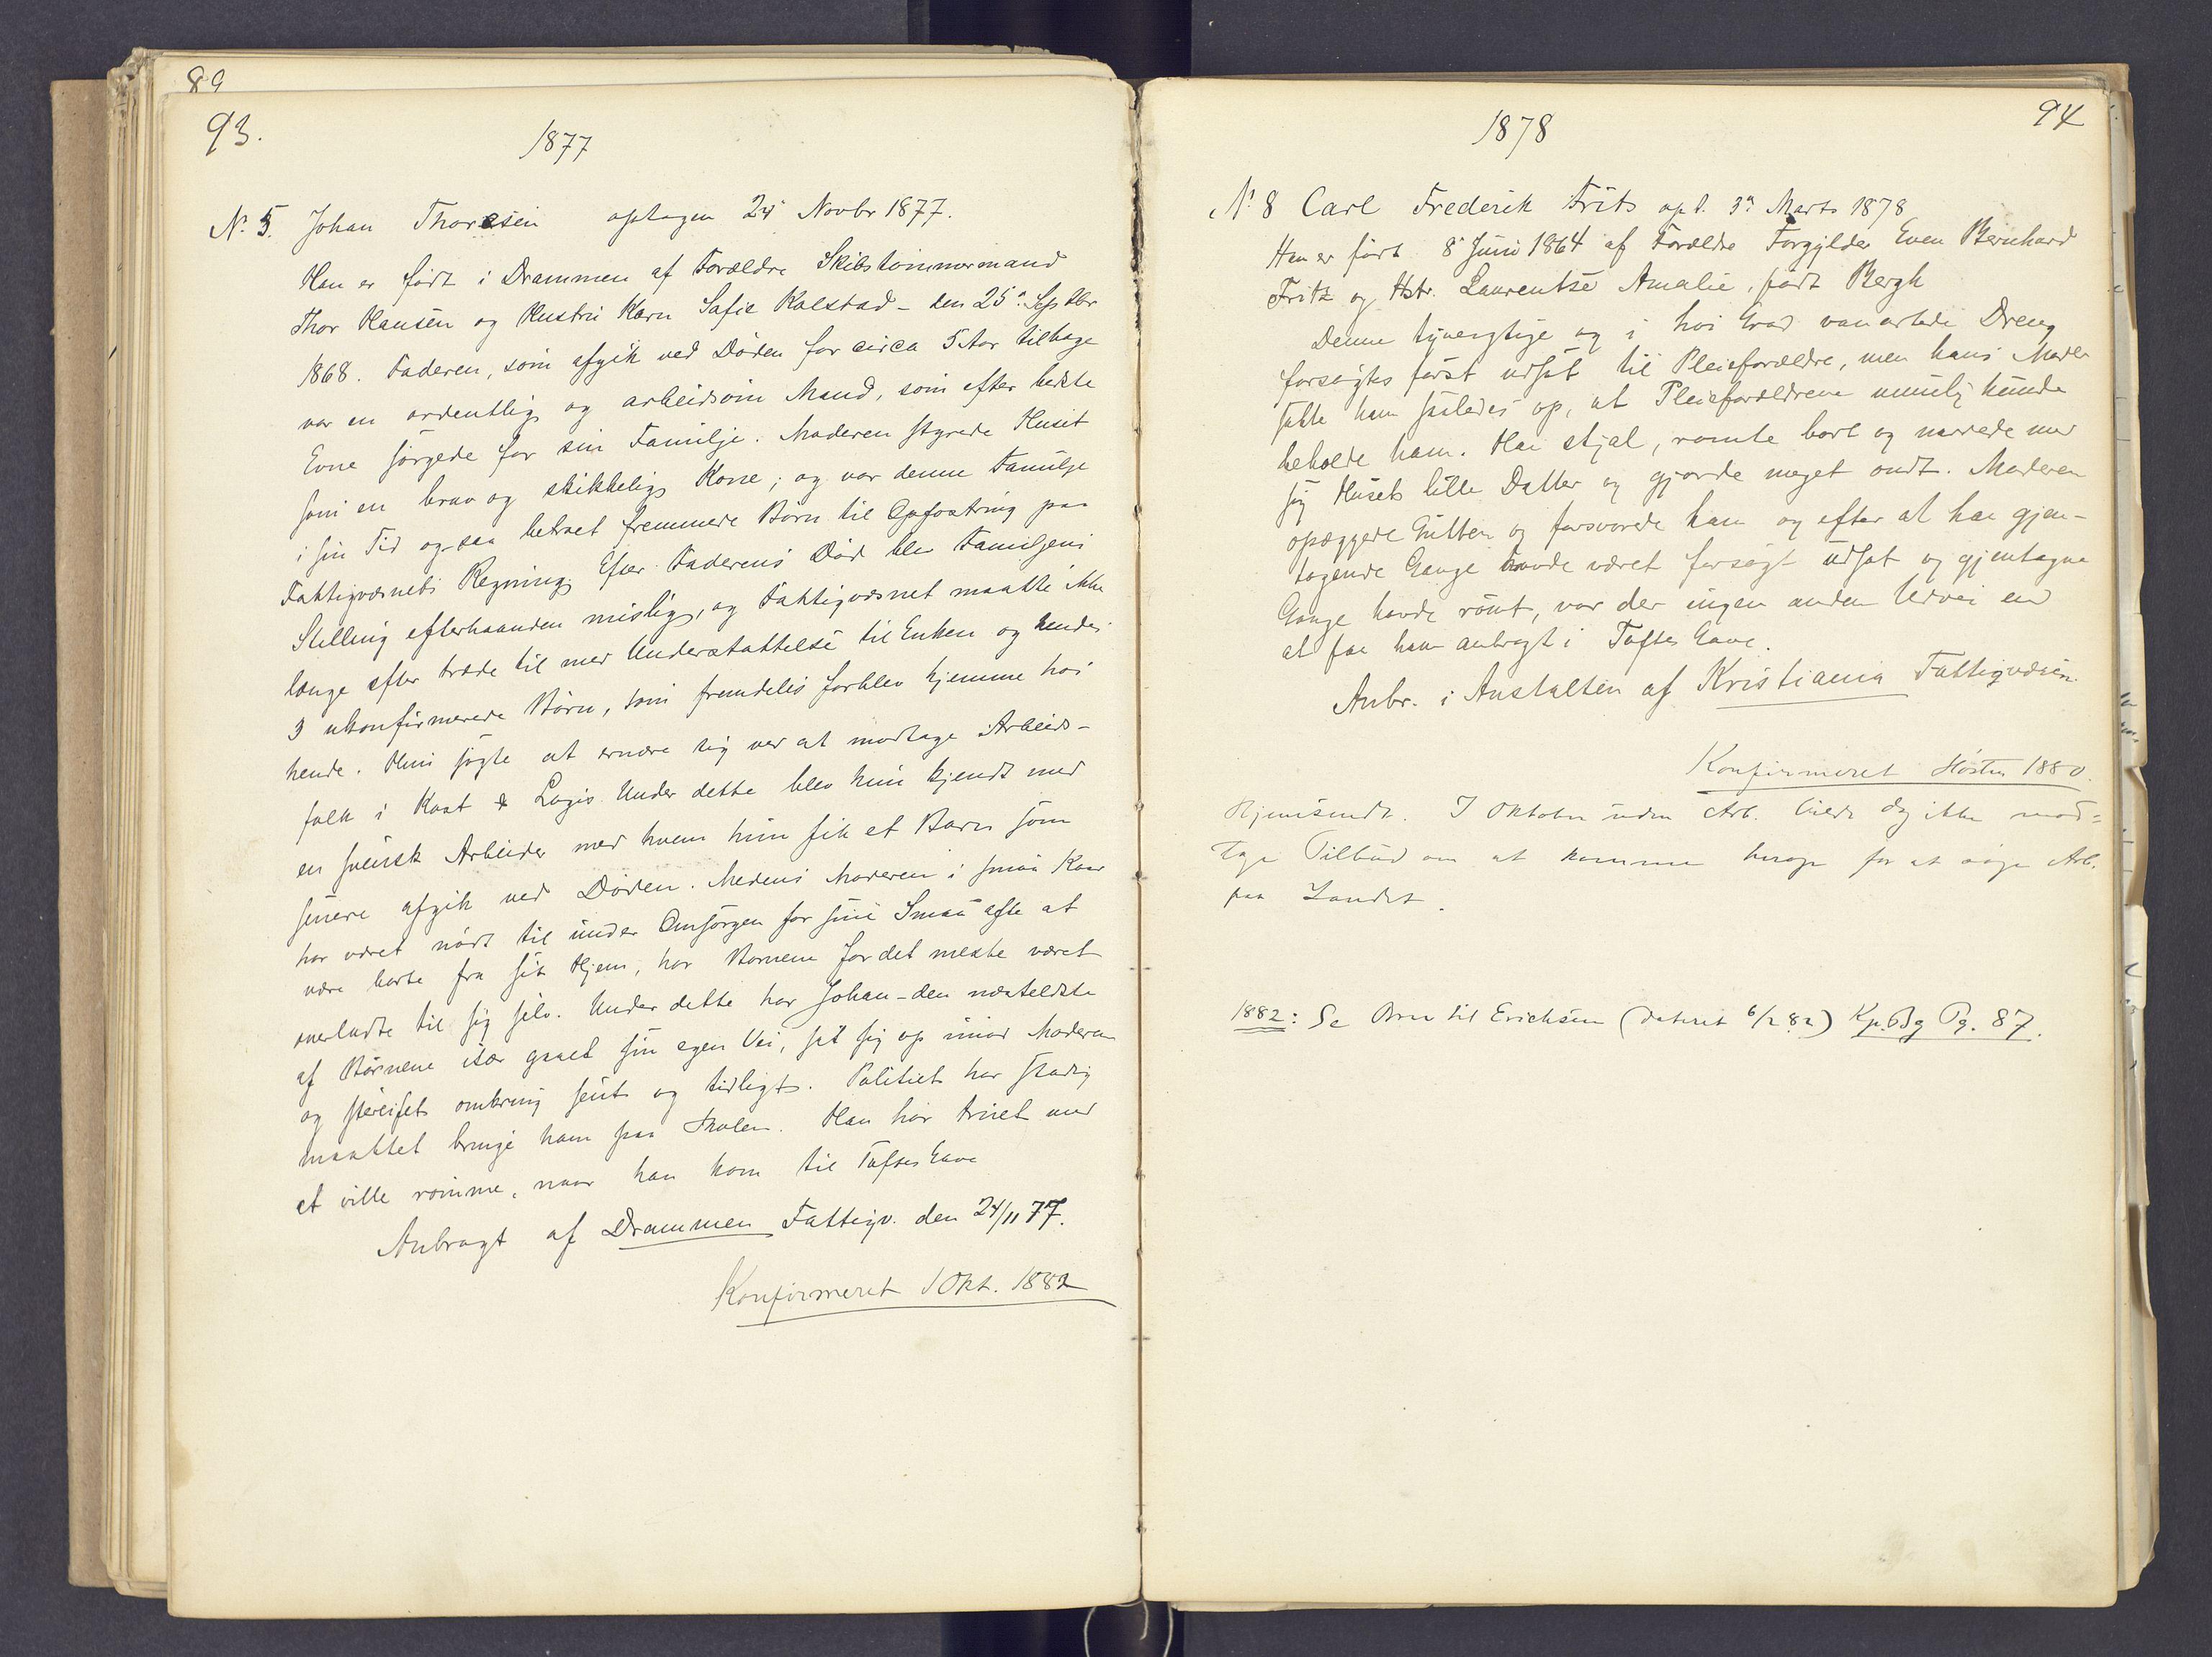 SAH, Toftes Gave, F/Fc/L0002: Elevprotokoll, 1870-1885, s. 93-94